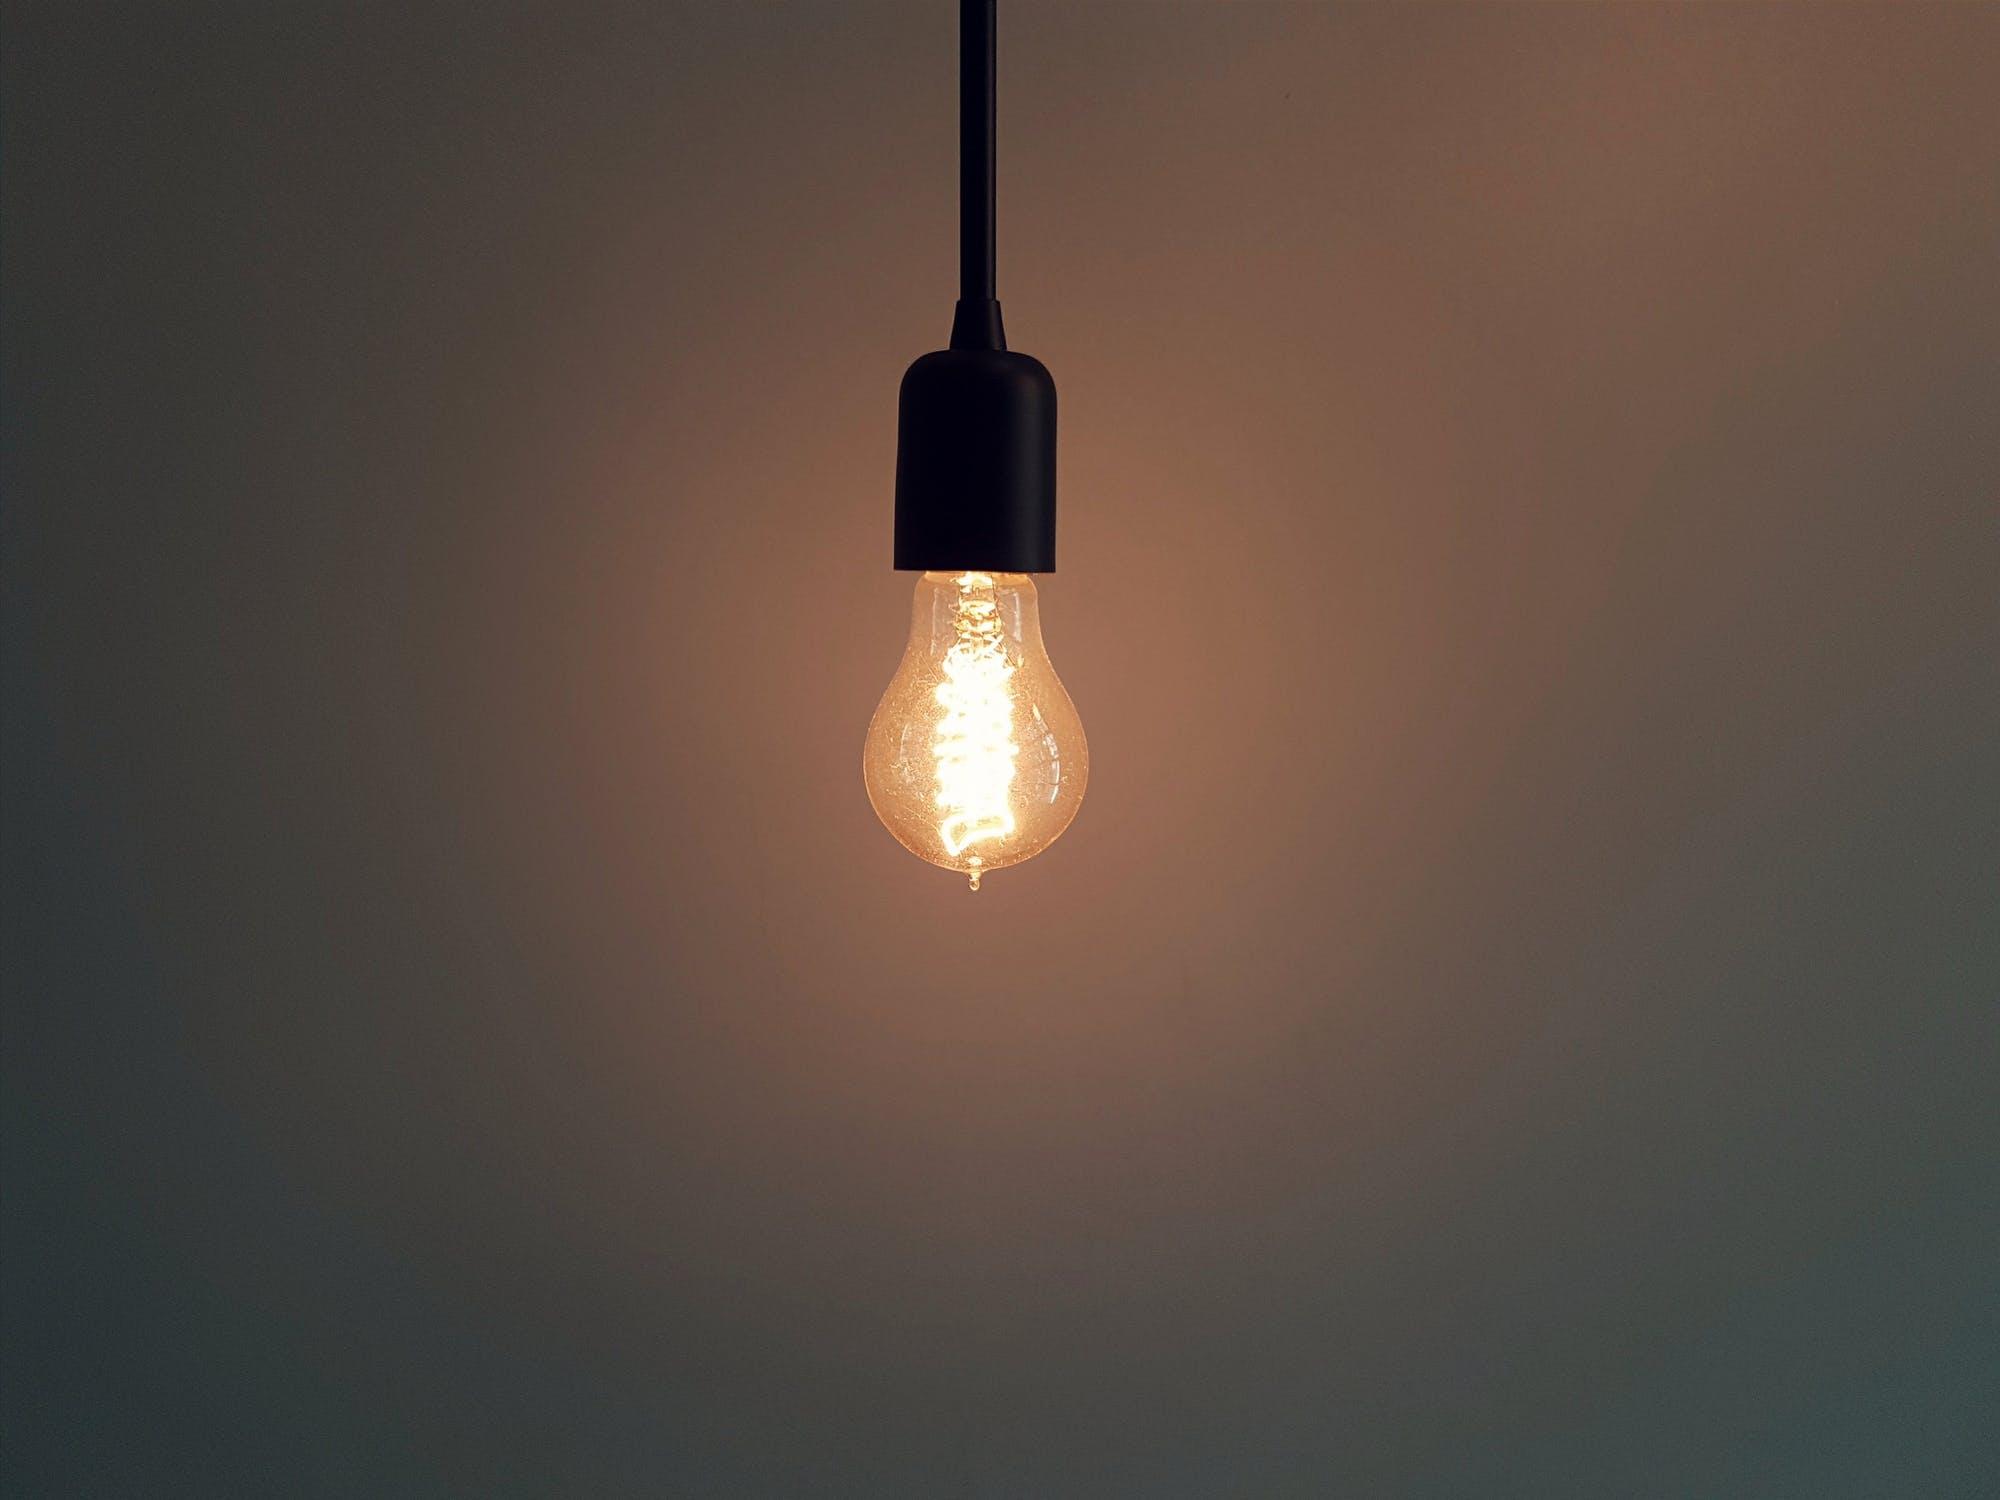 Spara på elen - Få ned kostnaden och tänk miljövänligt